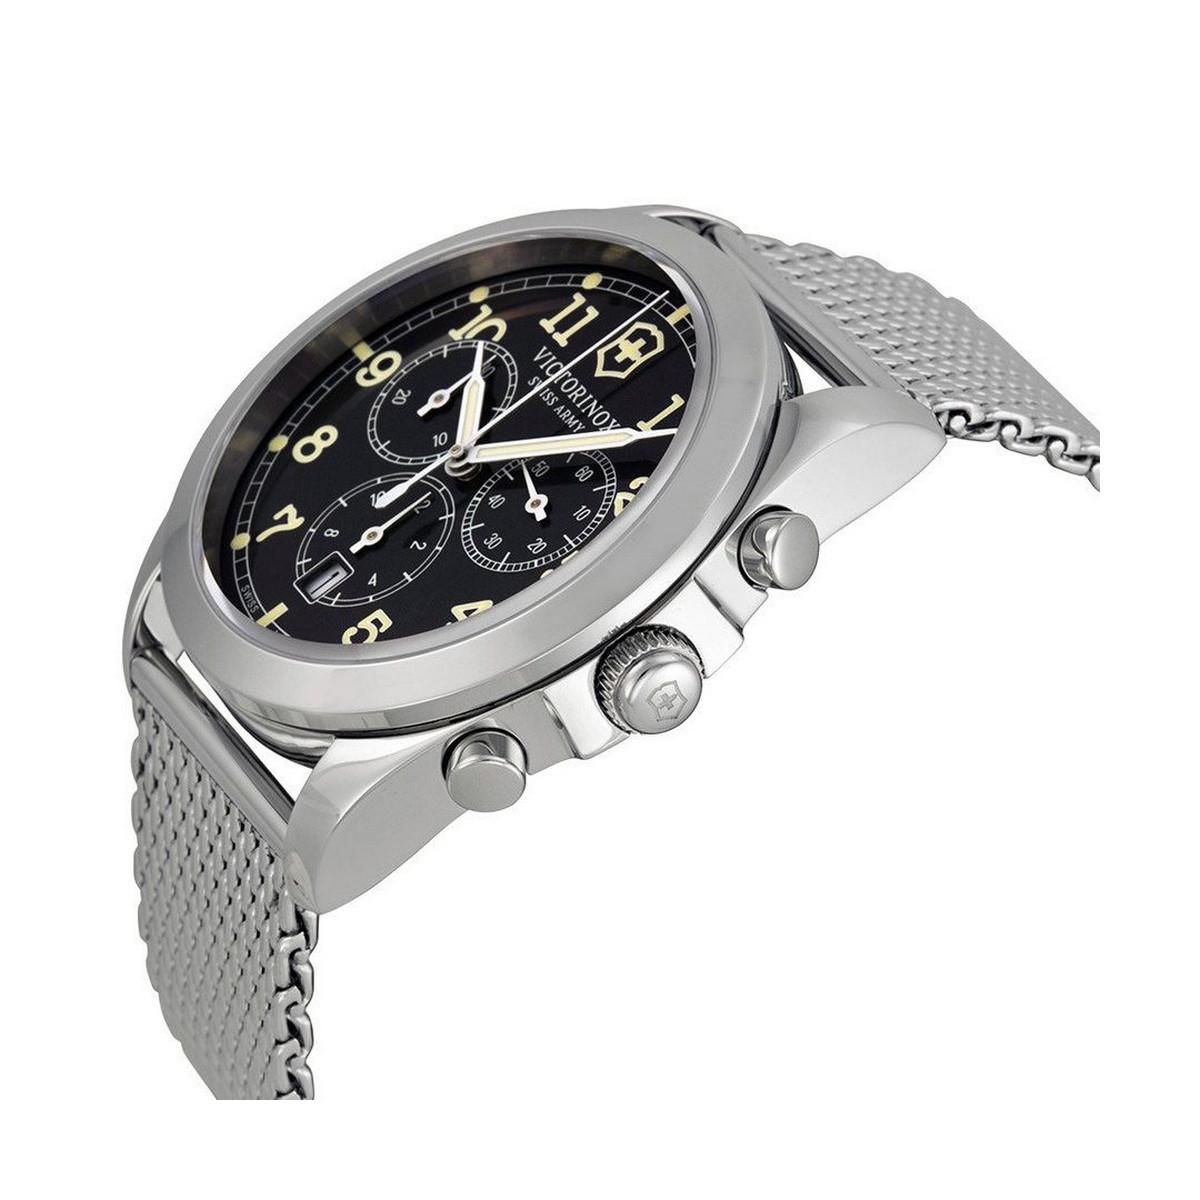 Montre Homme Victorinox INFANTRY chronographe, cadran gris foncé et bracelet maille milanaise - 40 mm